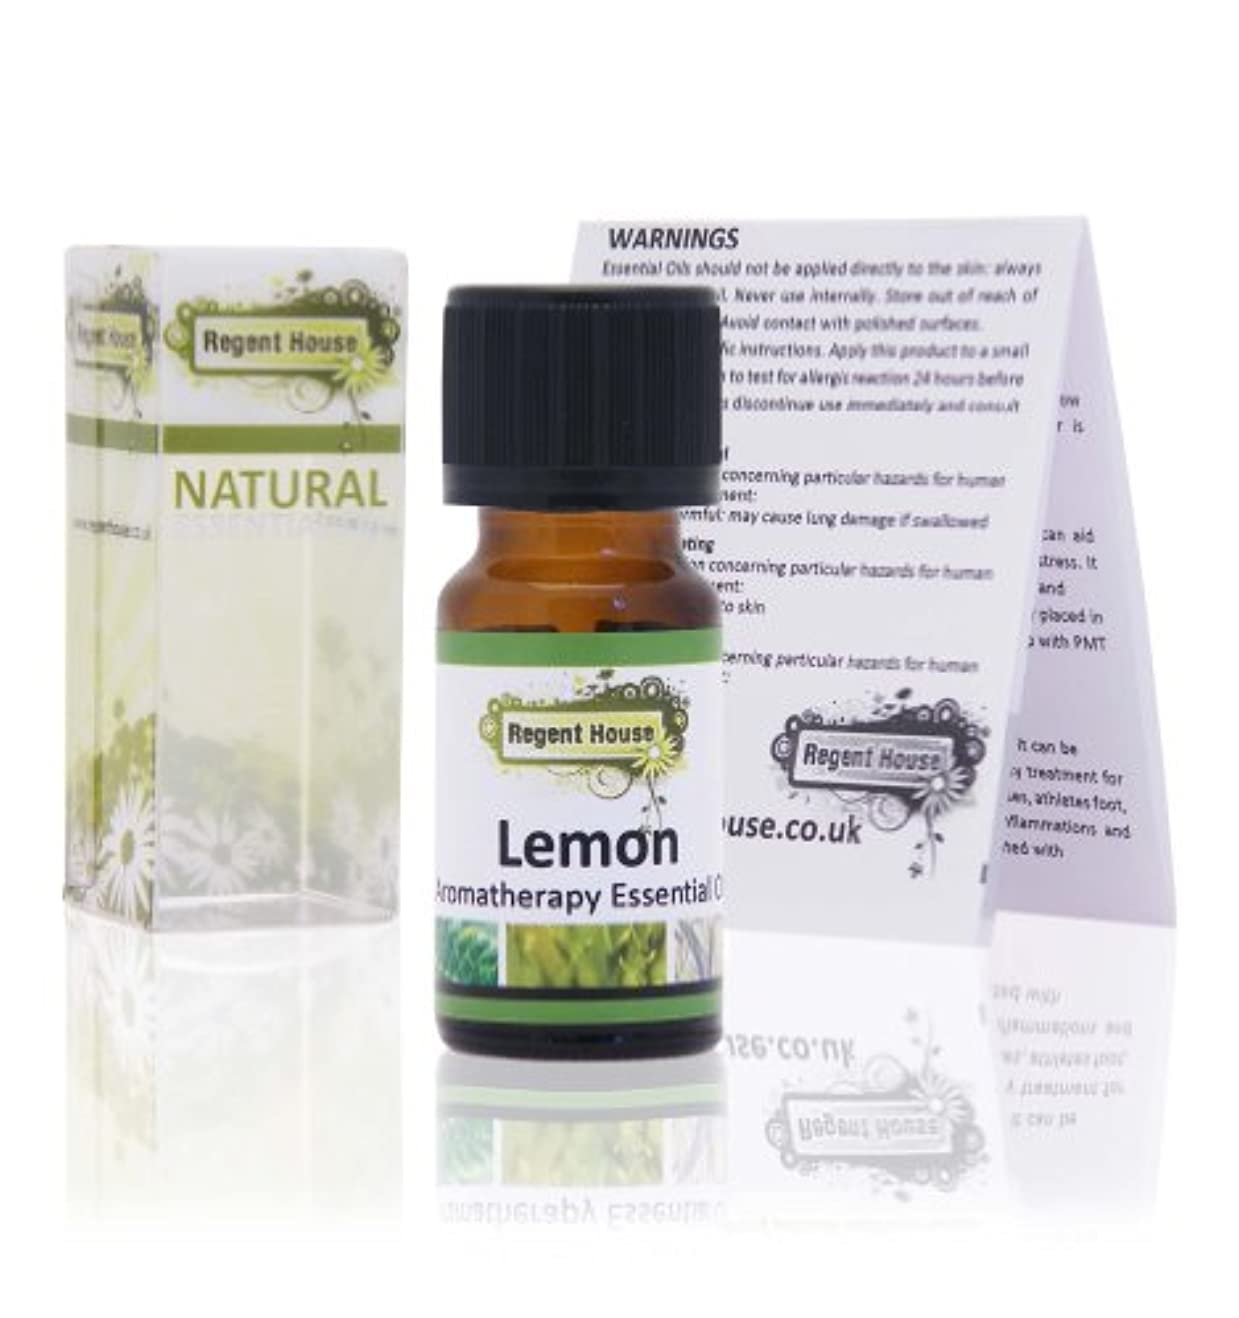 逆に含むドナウ川ナチュラルエッセンシャルオイル レモン(Lemon)